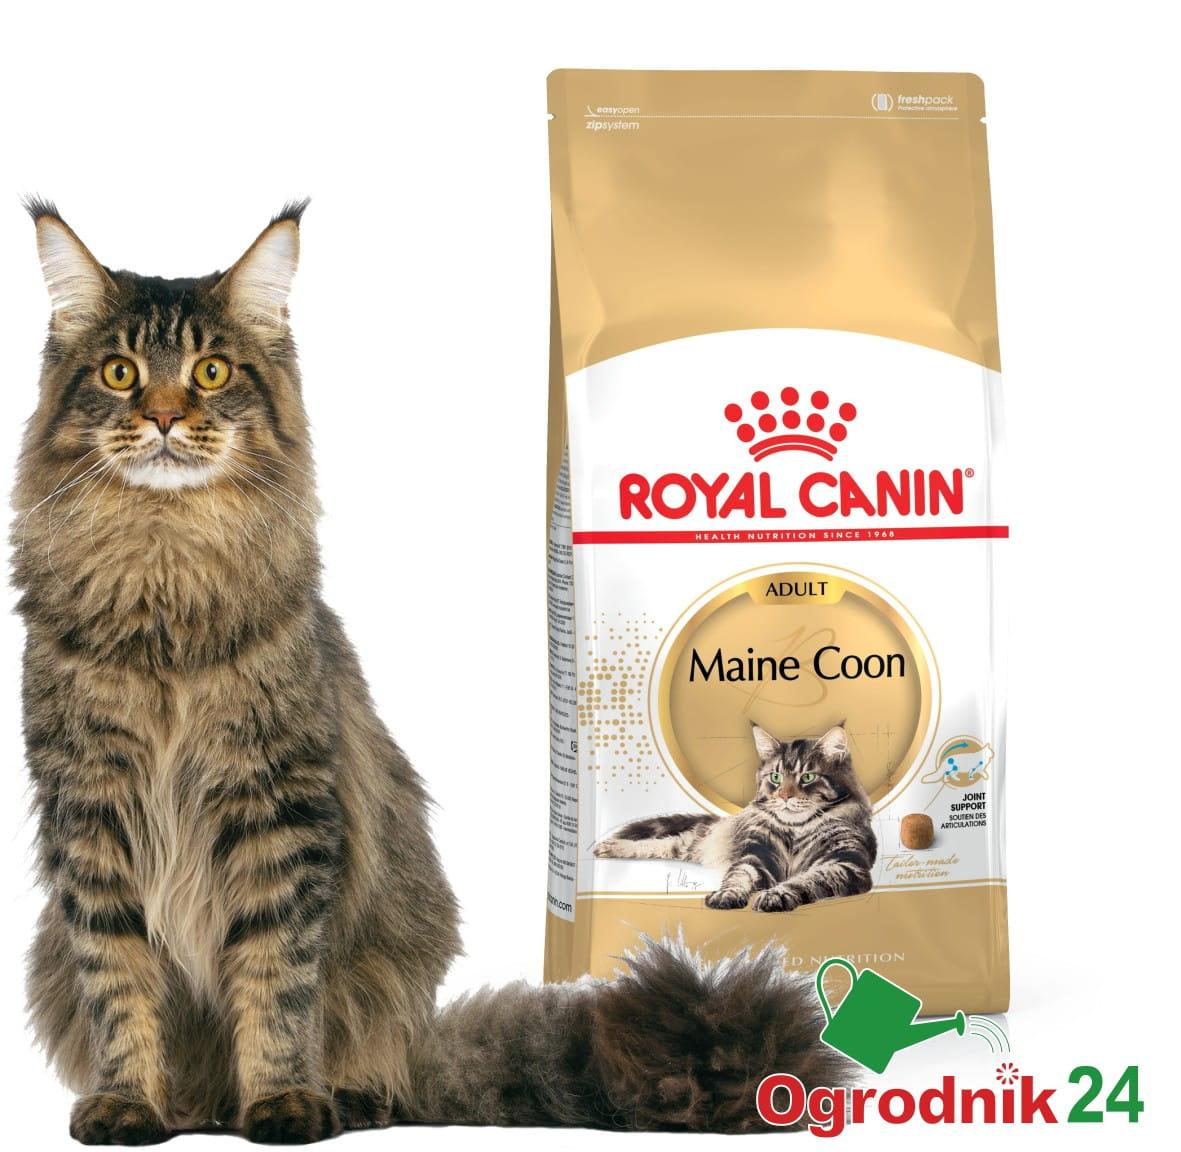 royal canin maine coon adult dla kota 10kg w wa. Black Bedroom Furniture Sets. Home Design Ideas